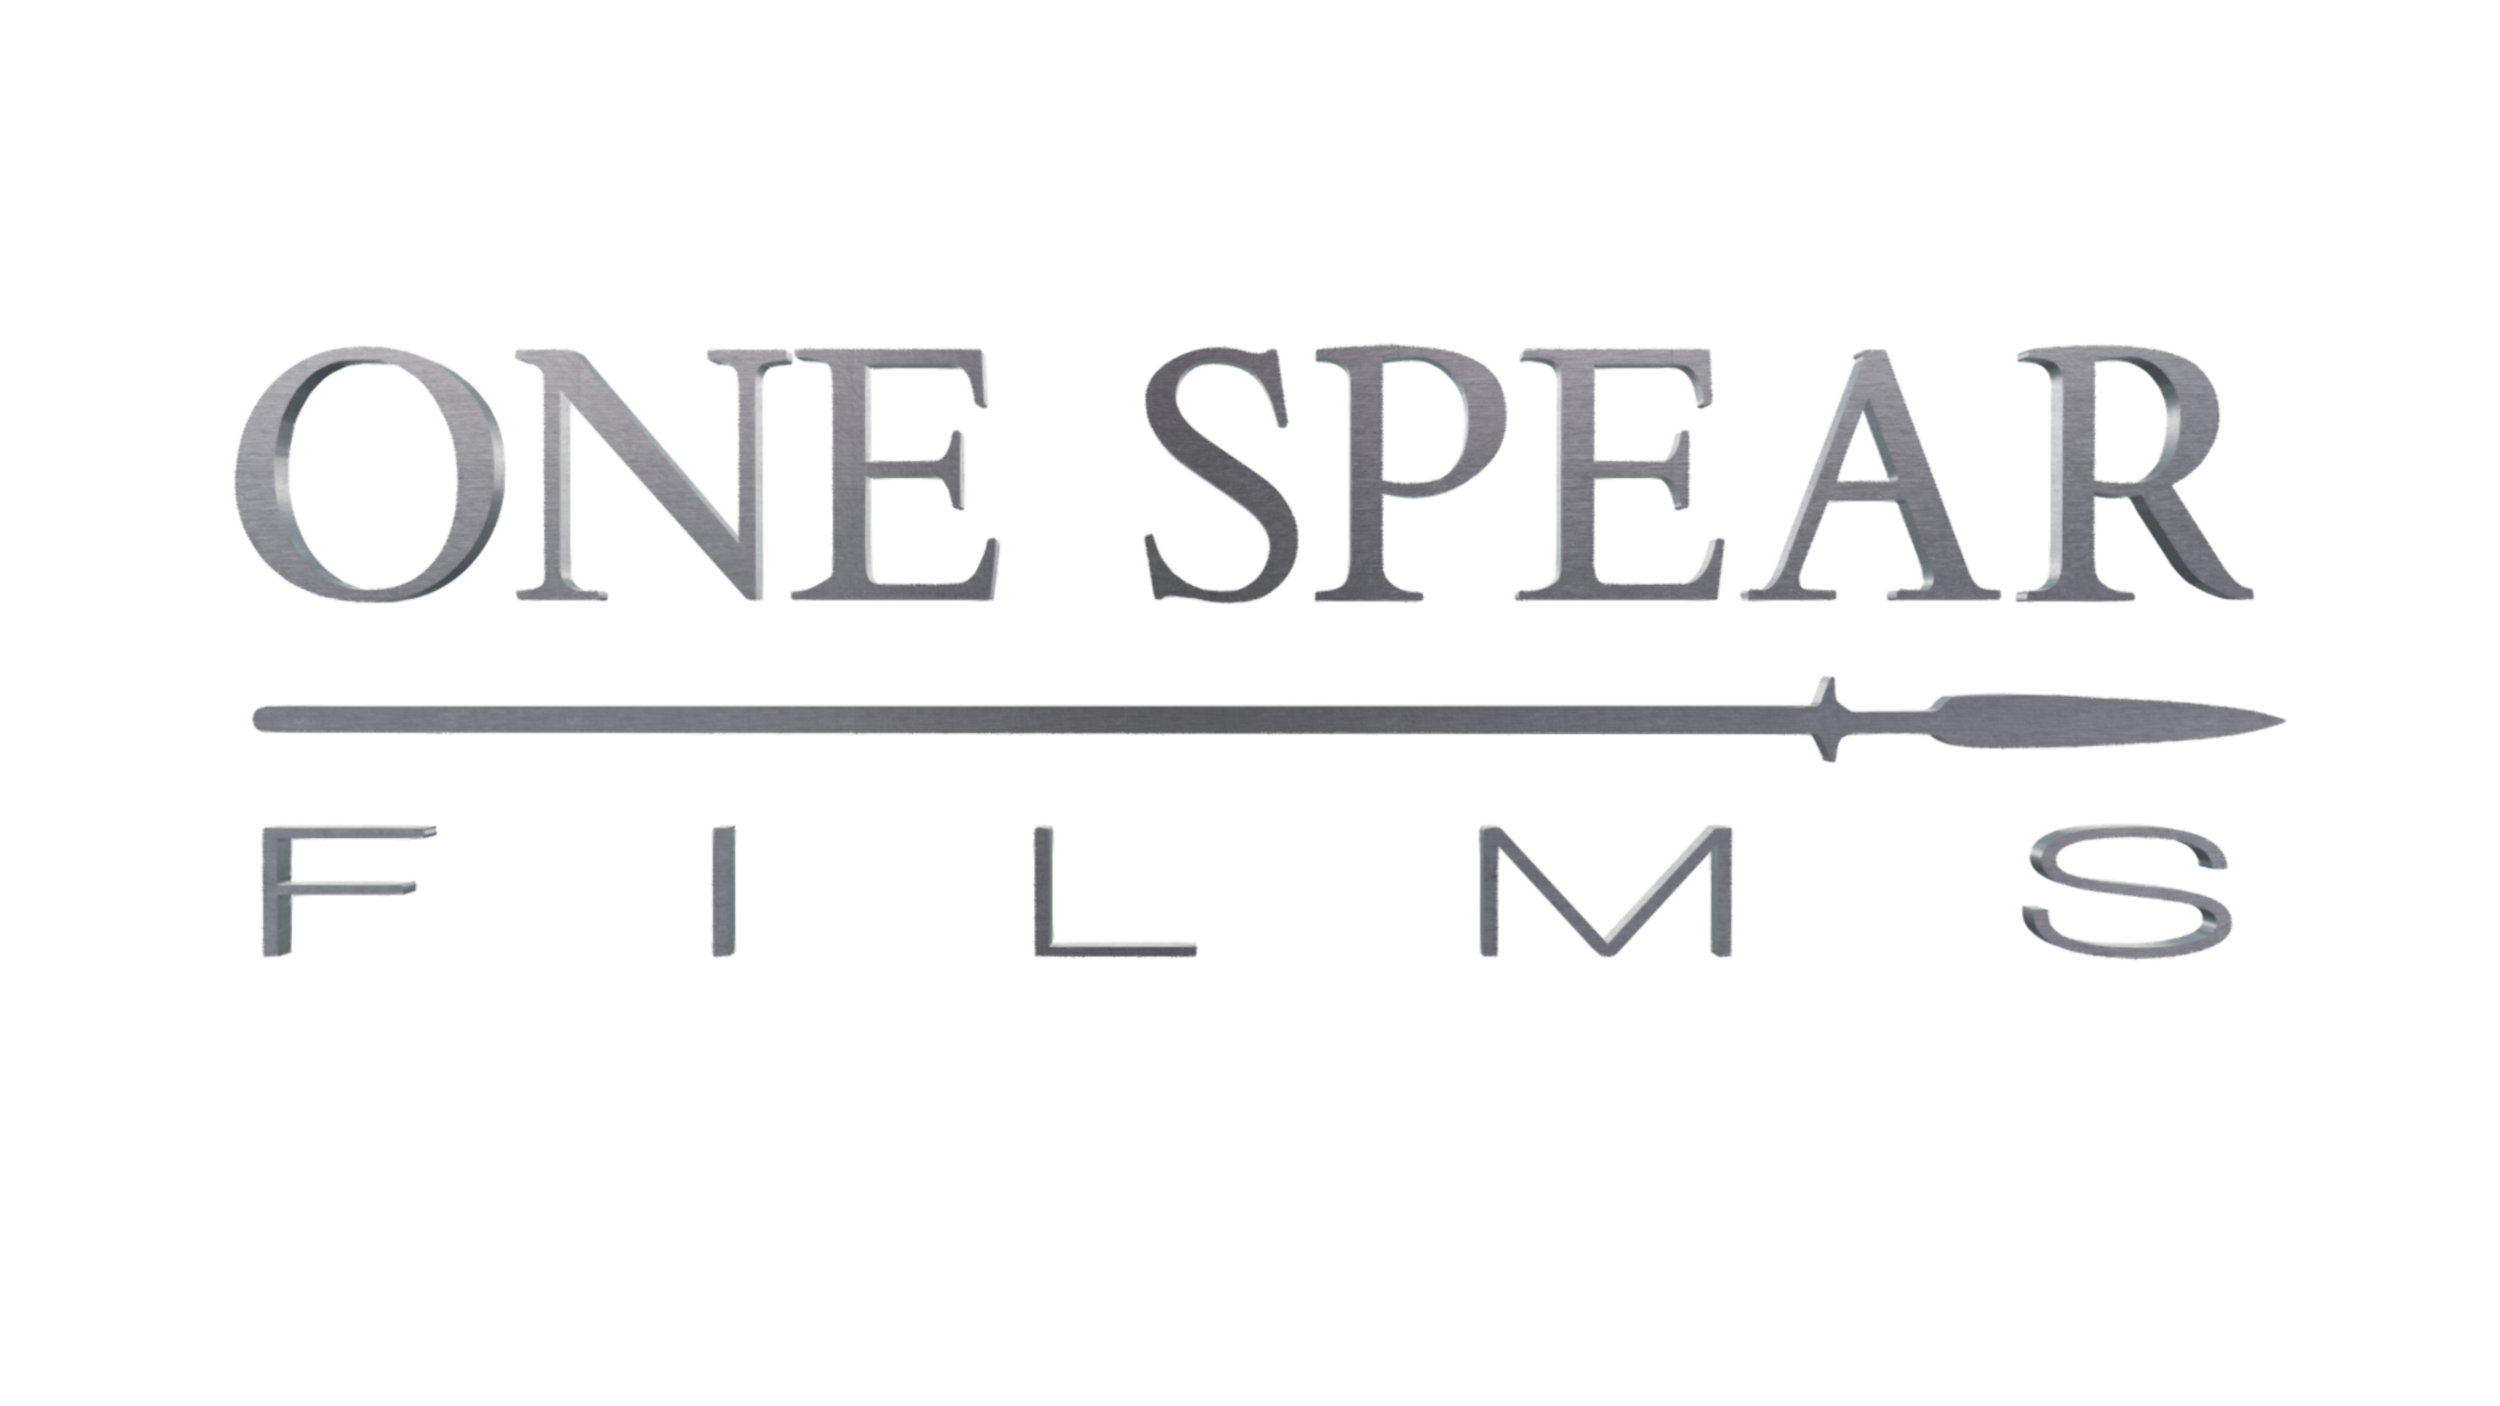 one spear films logo.jpg